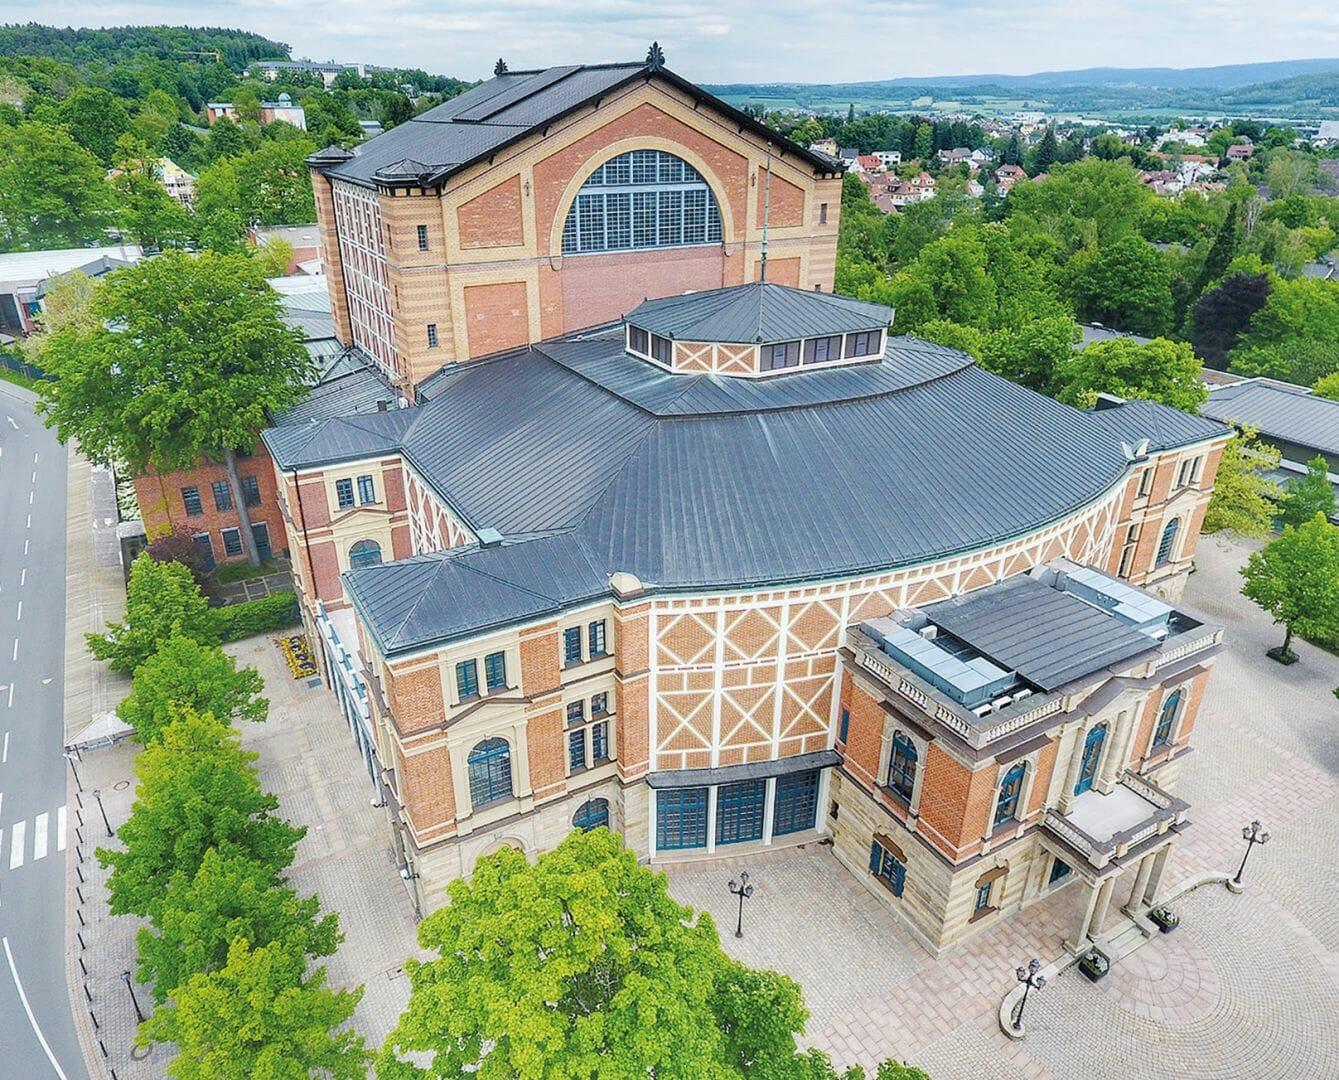 Lokalnachrichten in Bayreuth: Verkehrsregelungen rund um die diesjährigen Festspiele